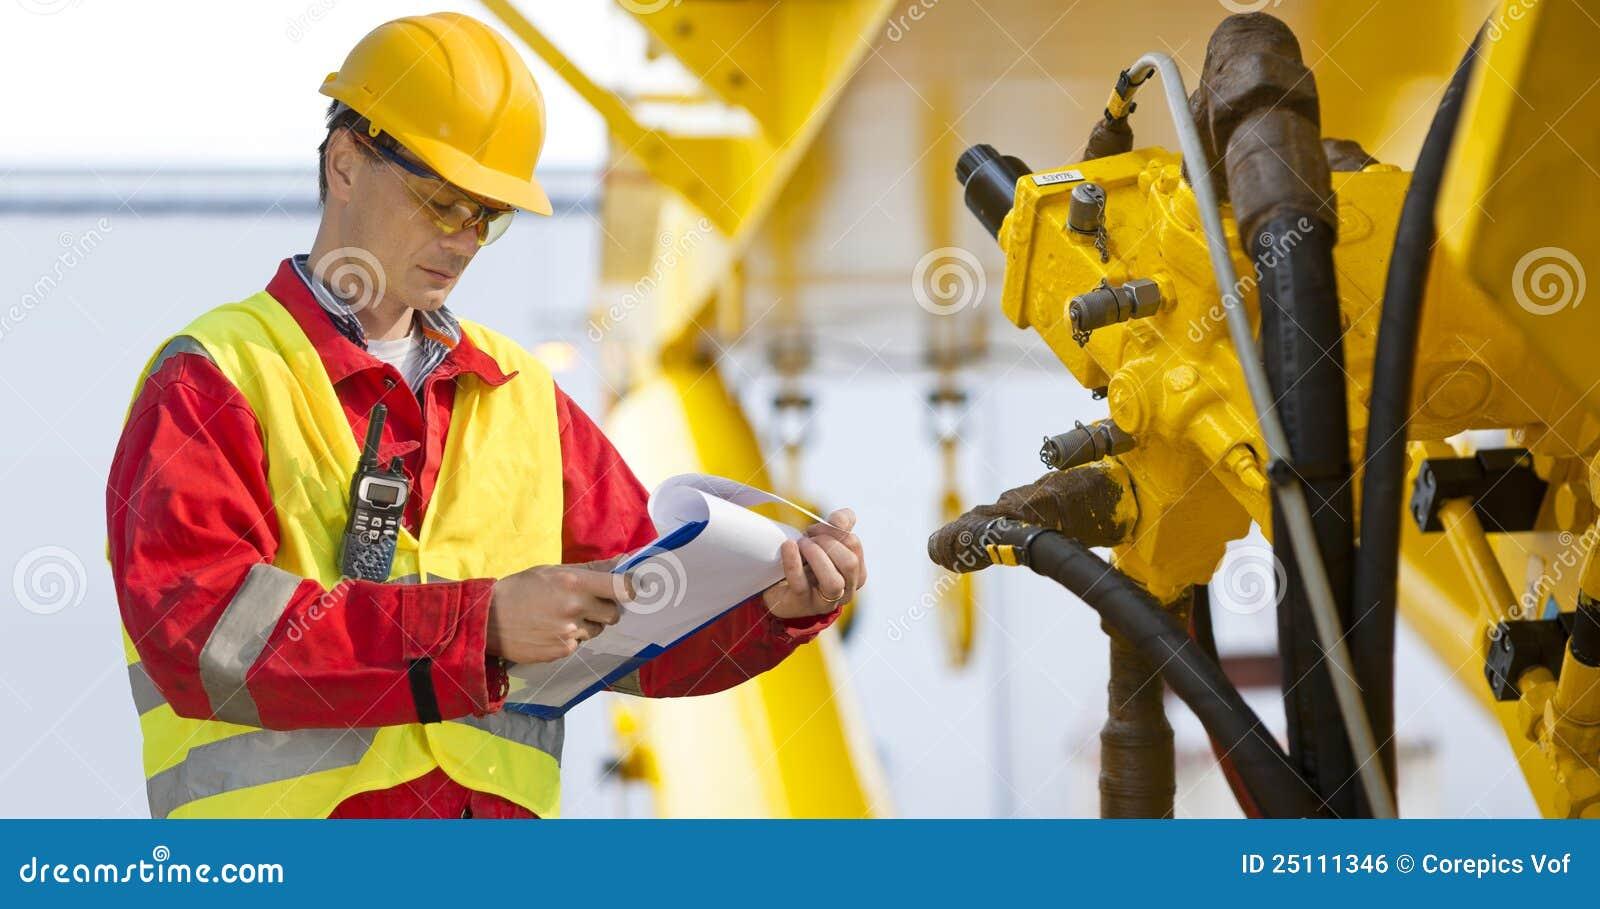 Hydraulic engineer